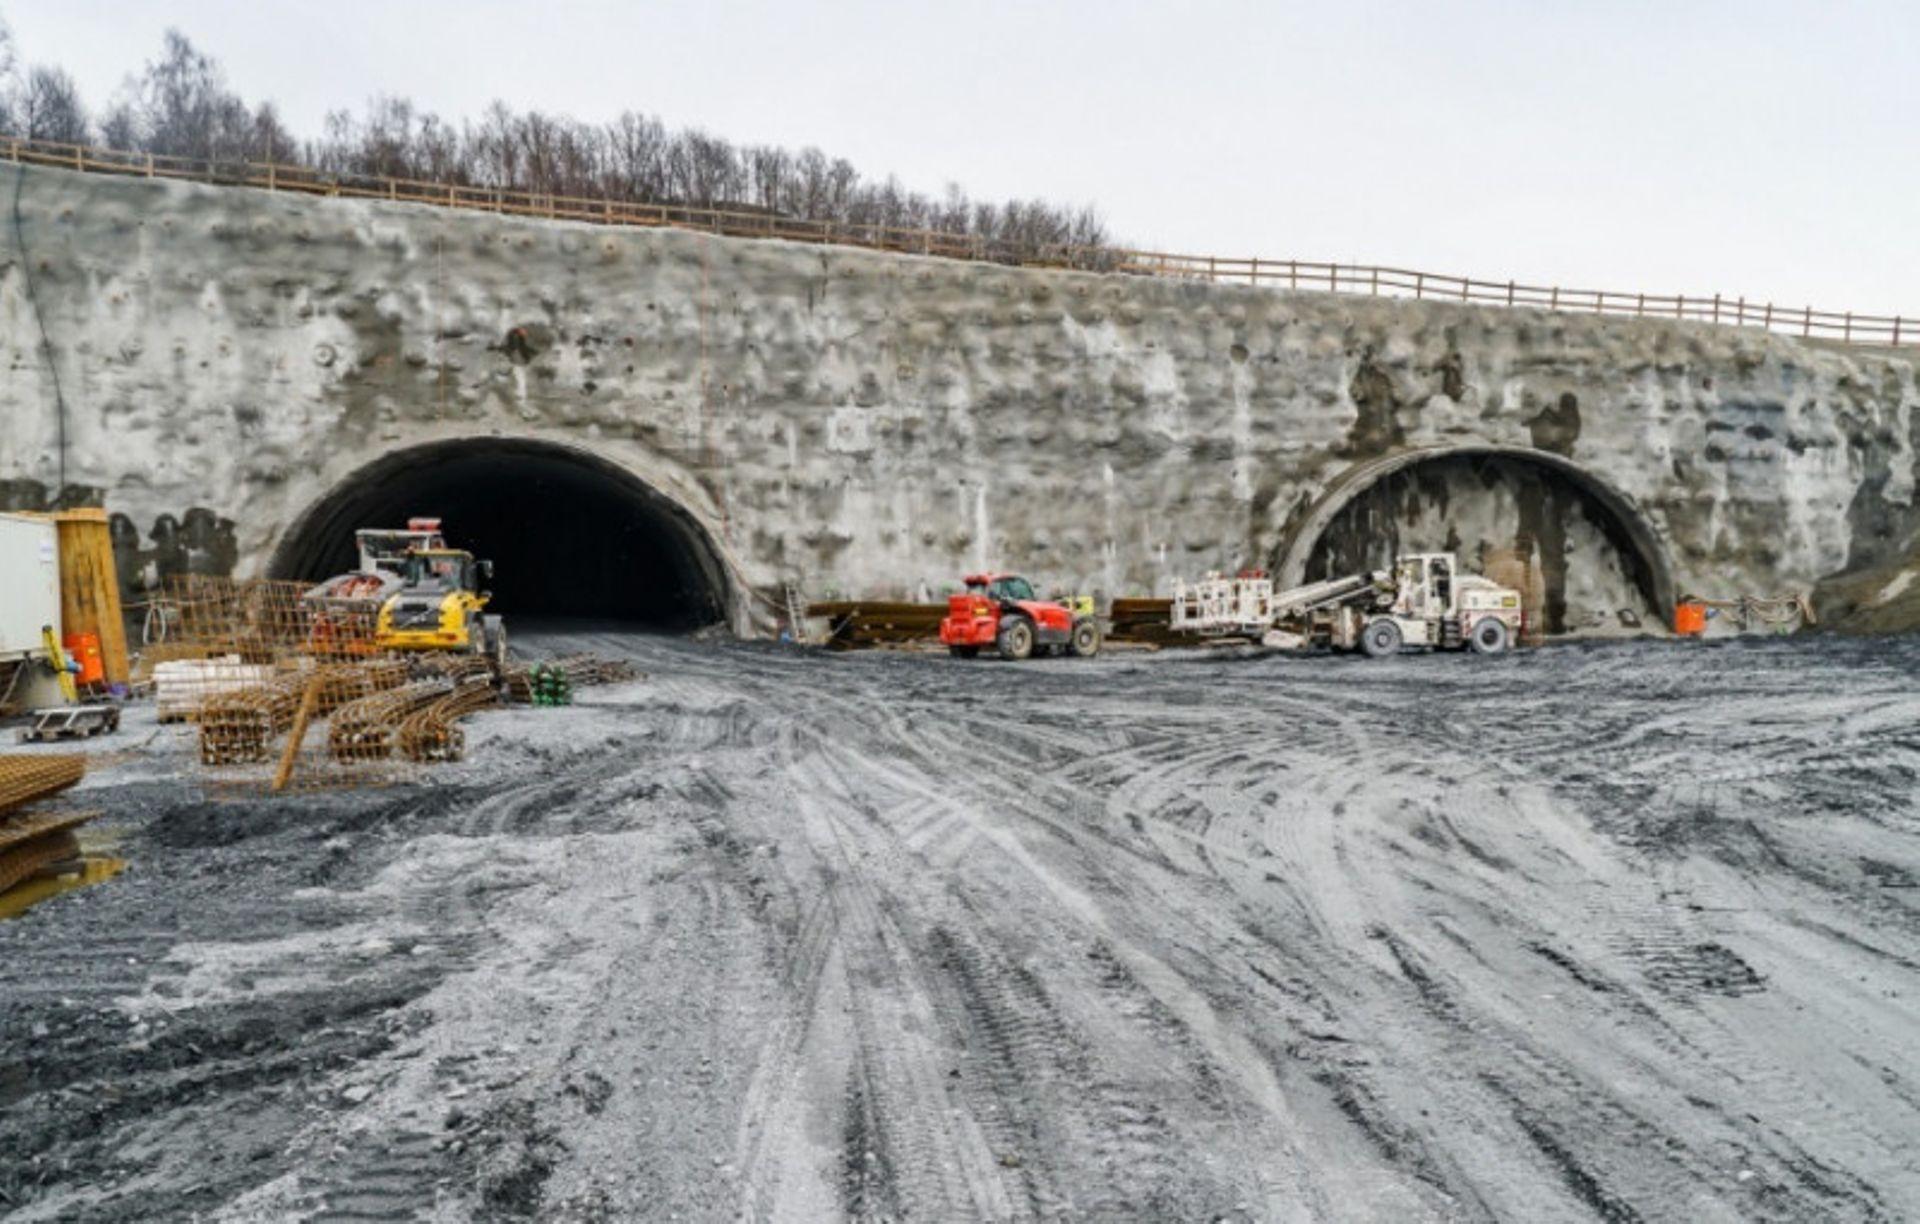 Tunel budowany na trasie S3 przecinający pasmo Gór Wałbrzyskich i Kaczawskich jest coraz dłuższy [FOTO]